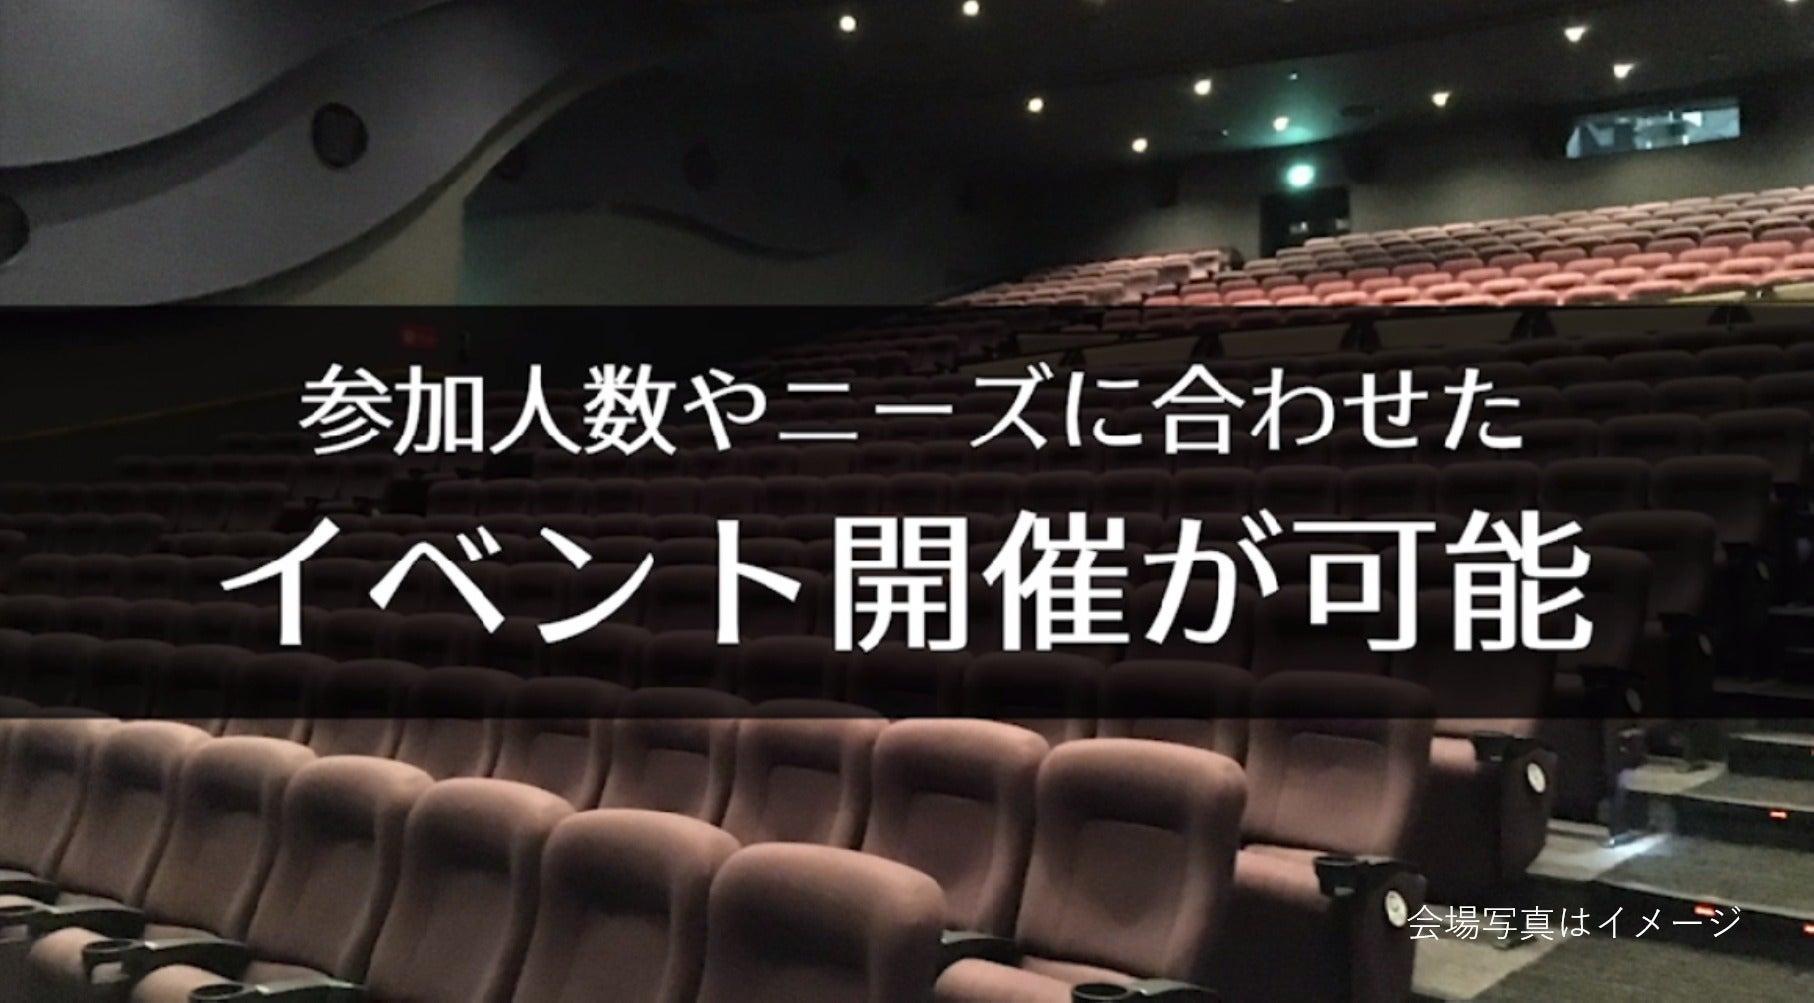 【長崎 246席】映画館で、会社説明会、株主総会、講演会の企画はいかがですか?(ユナイテッド・シネマ長崎) の写真0